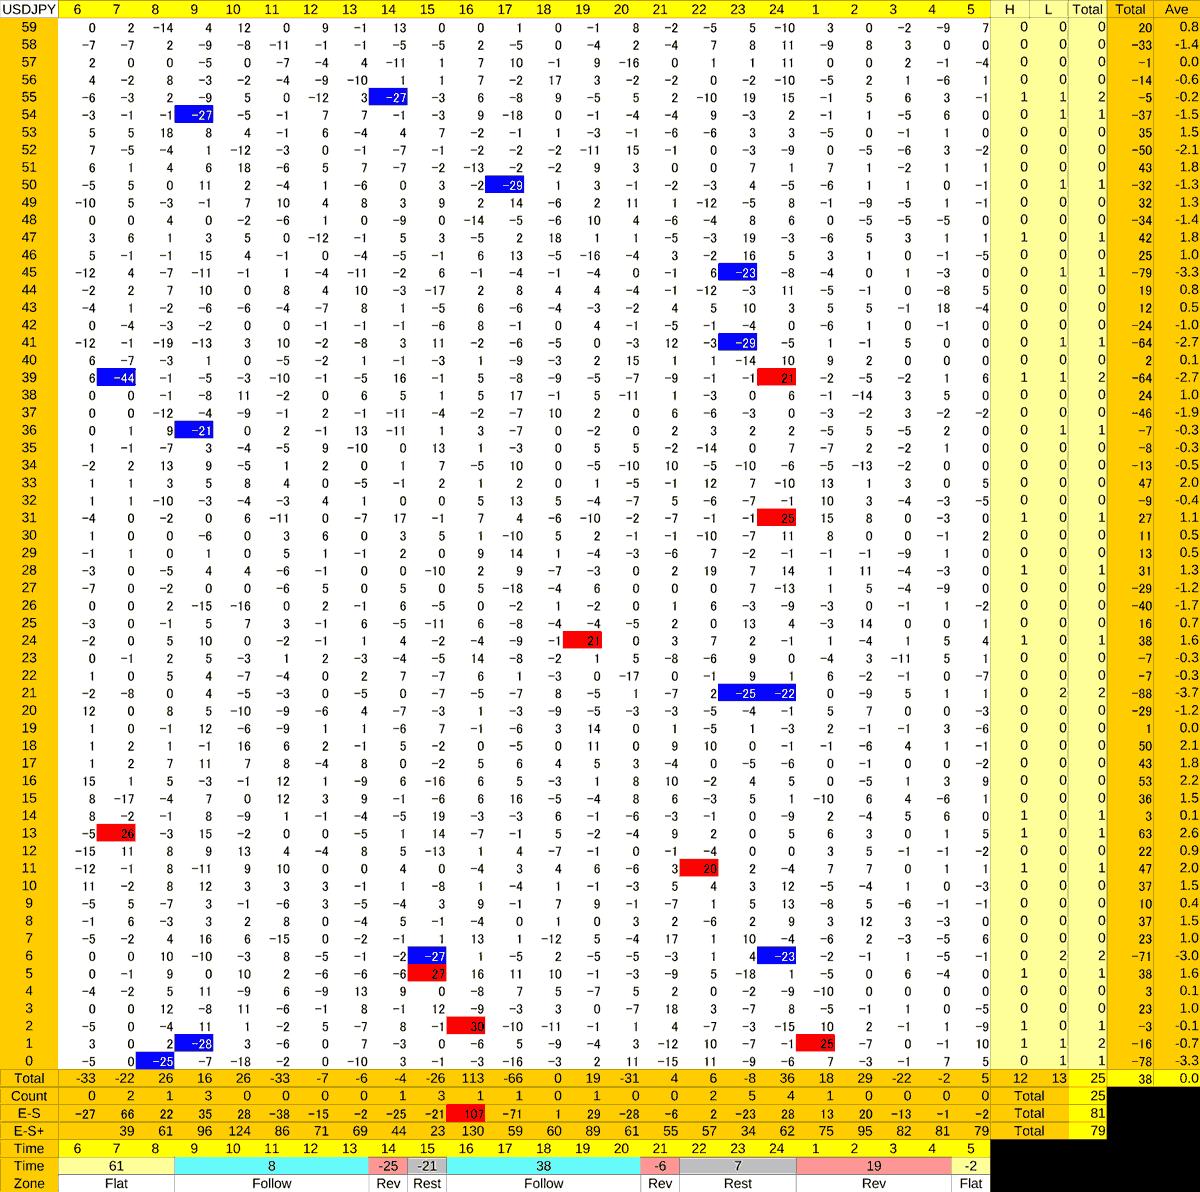 20201120_HS(1)USDJPY